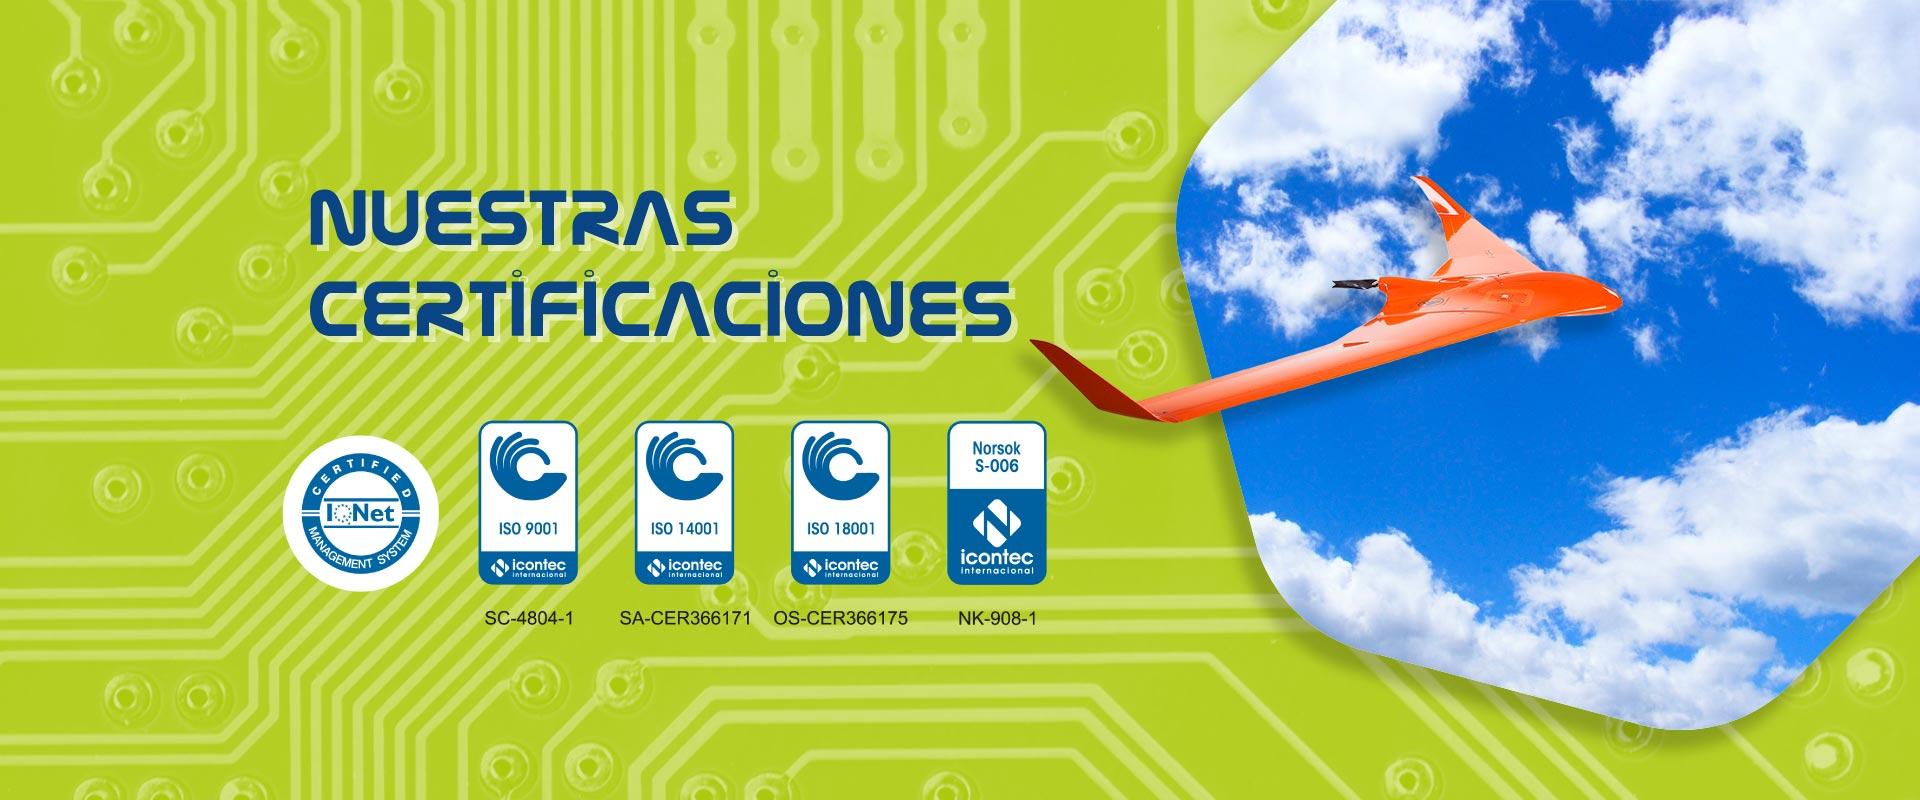 Imagen de Certificaciones ElectroSoftware Software y tecnología Bucaramanga mintic